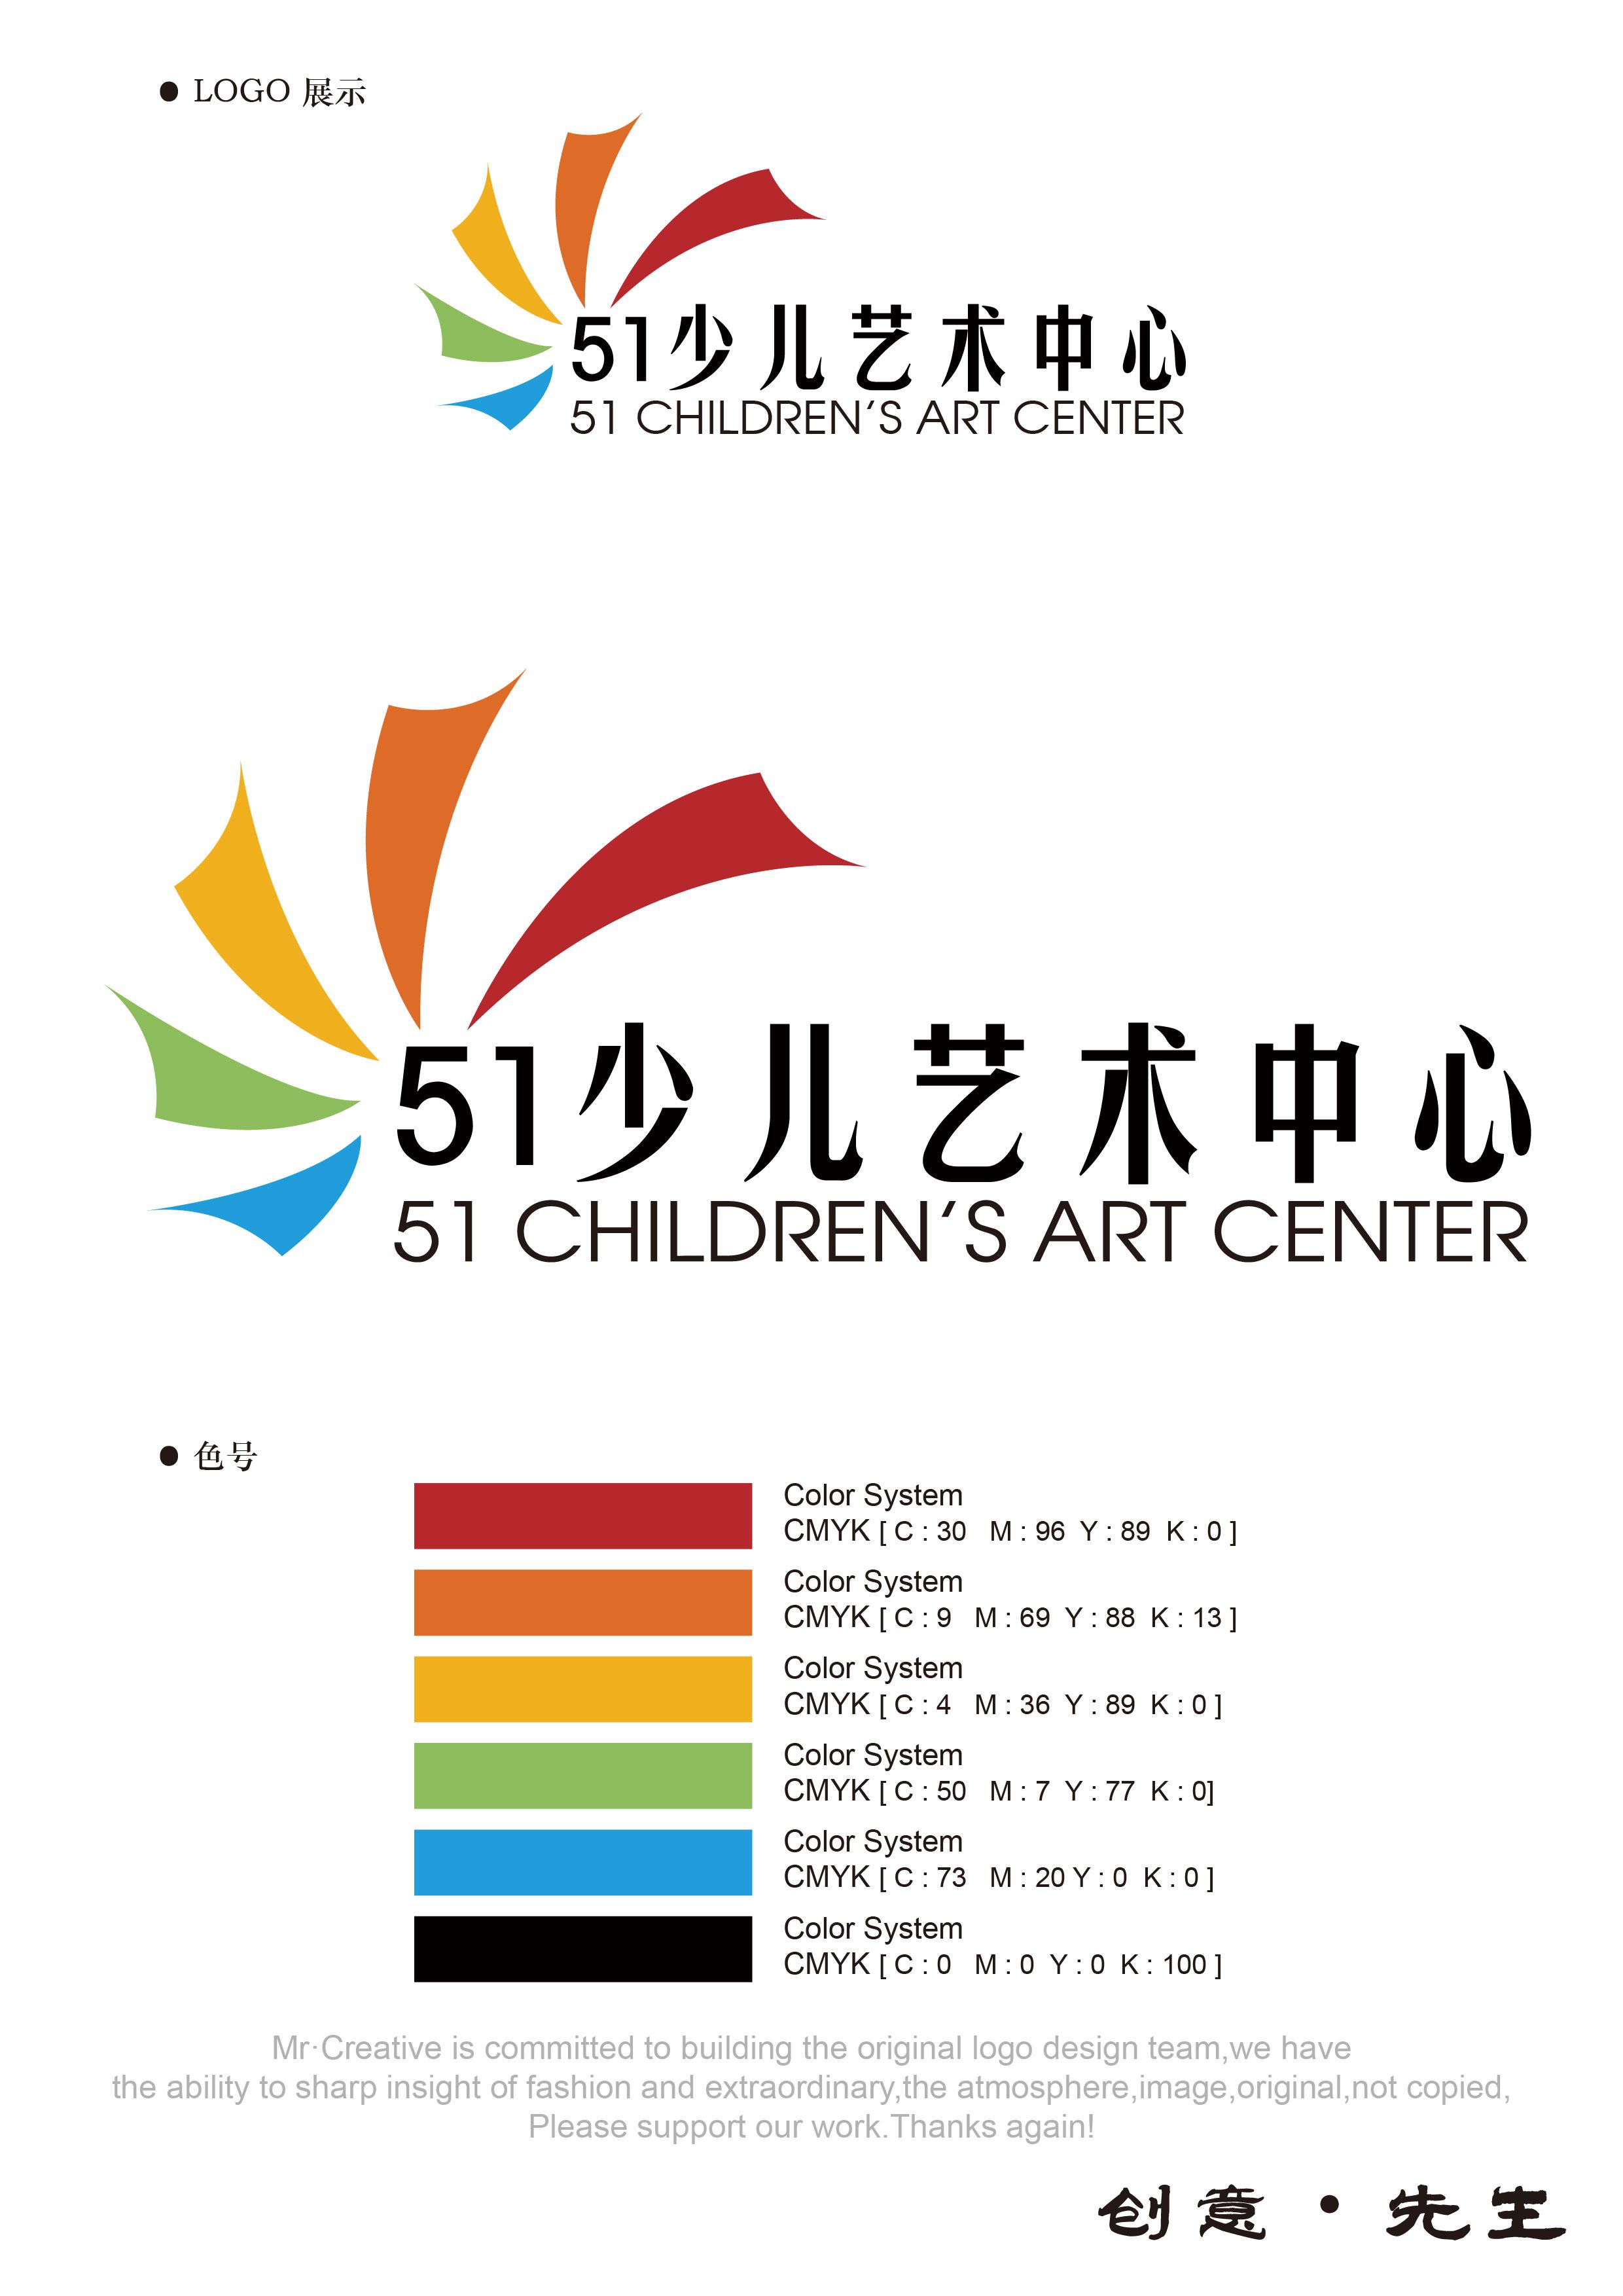 51少儿艺术中心logo设计